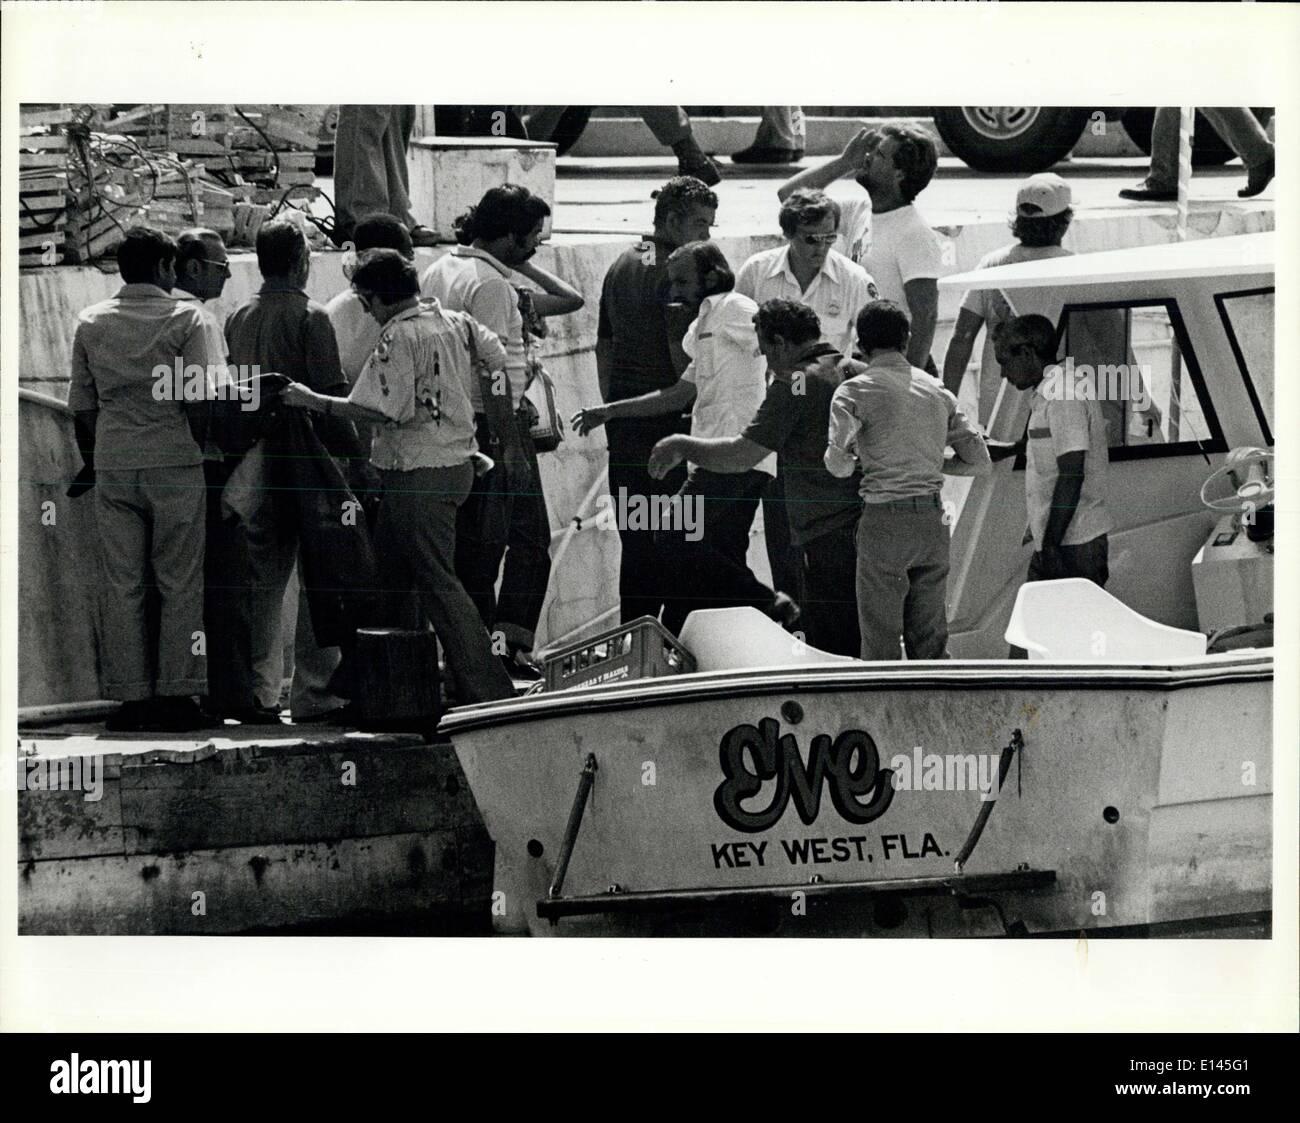 Avril 04, 2012 - Imagration nouvellement arrivés d'aide les réfugiés cubains à partir d'un bateau dans la région de Key West. Banque D'Images